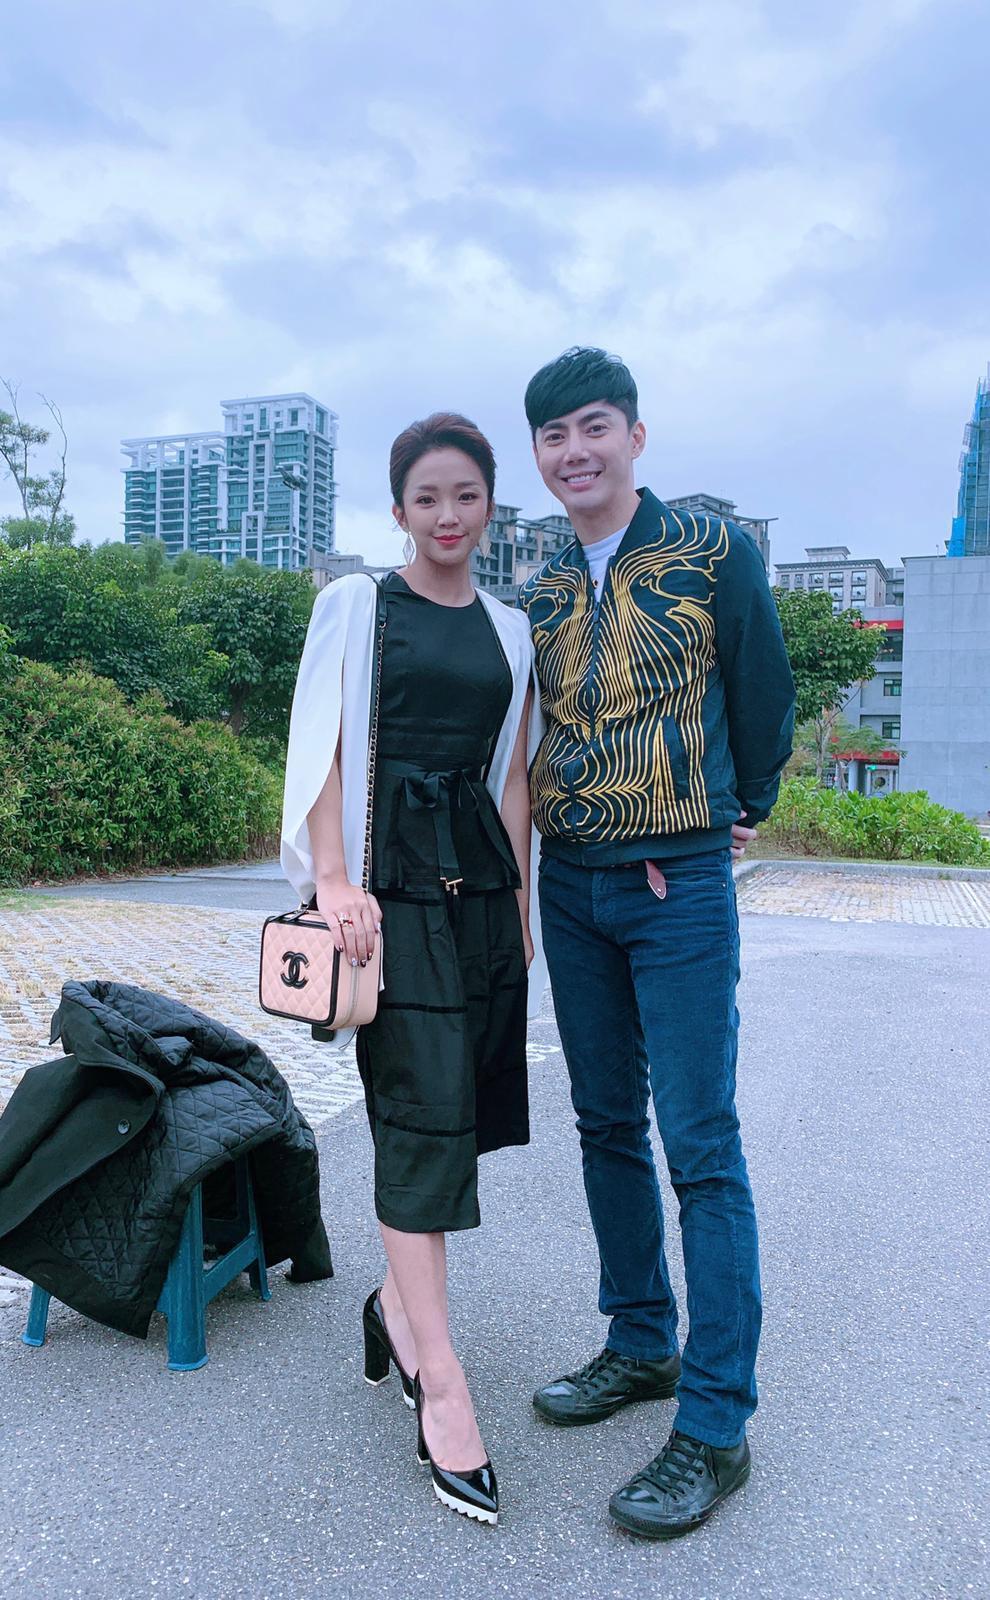 賴慧如與大她14歲的王凱演出母子。圖/摘自臉書